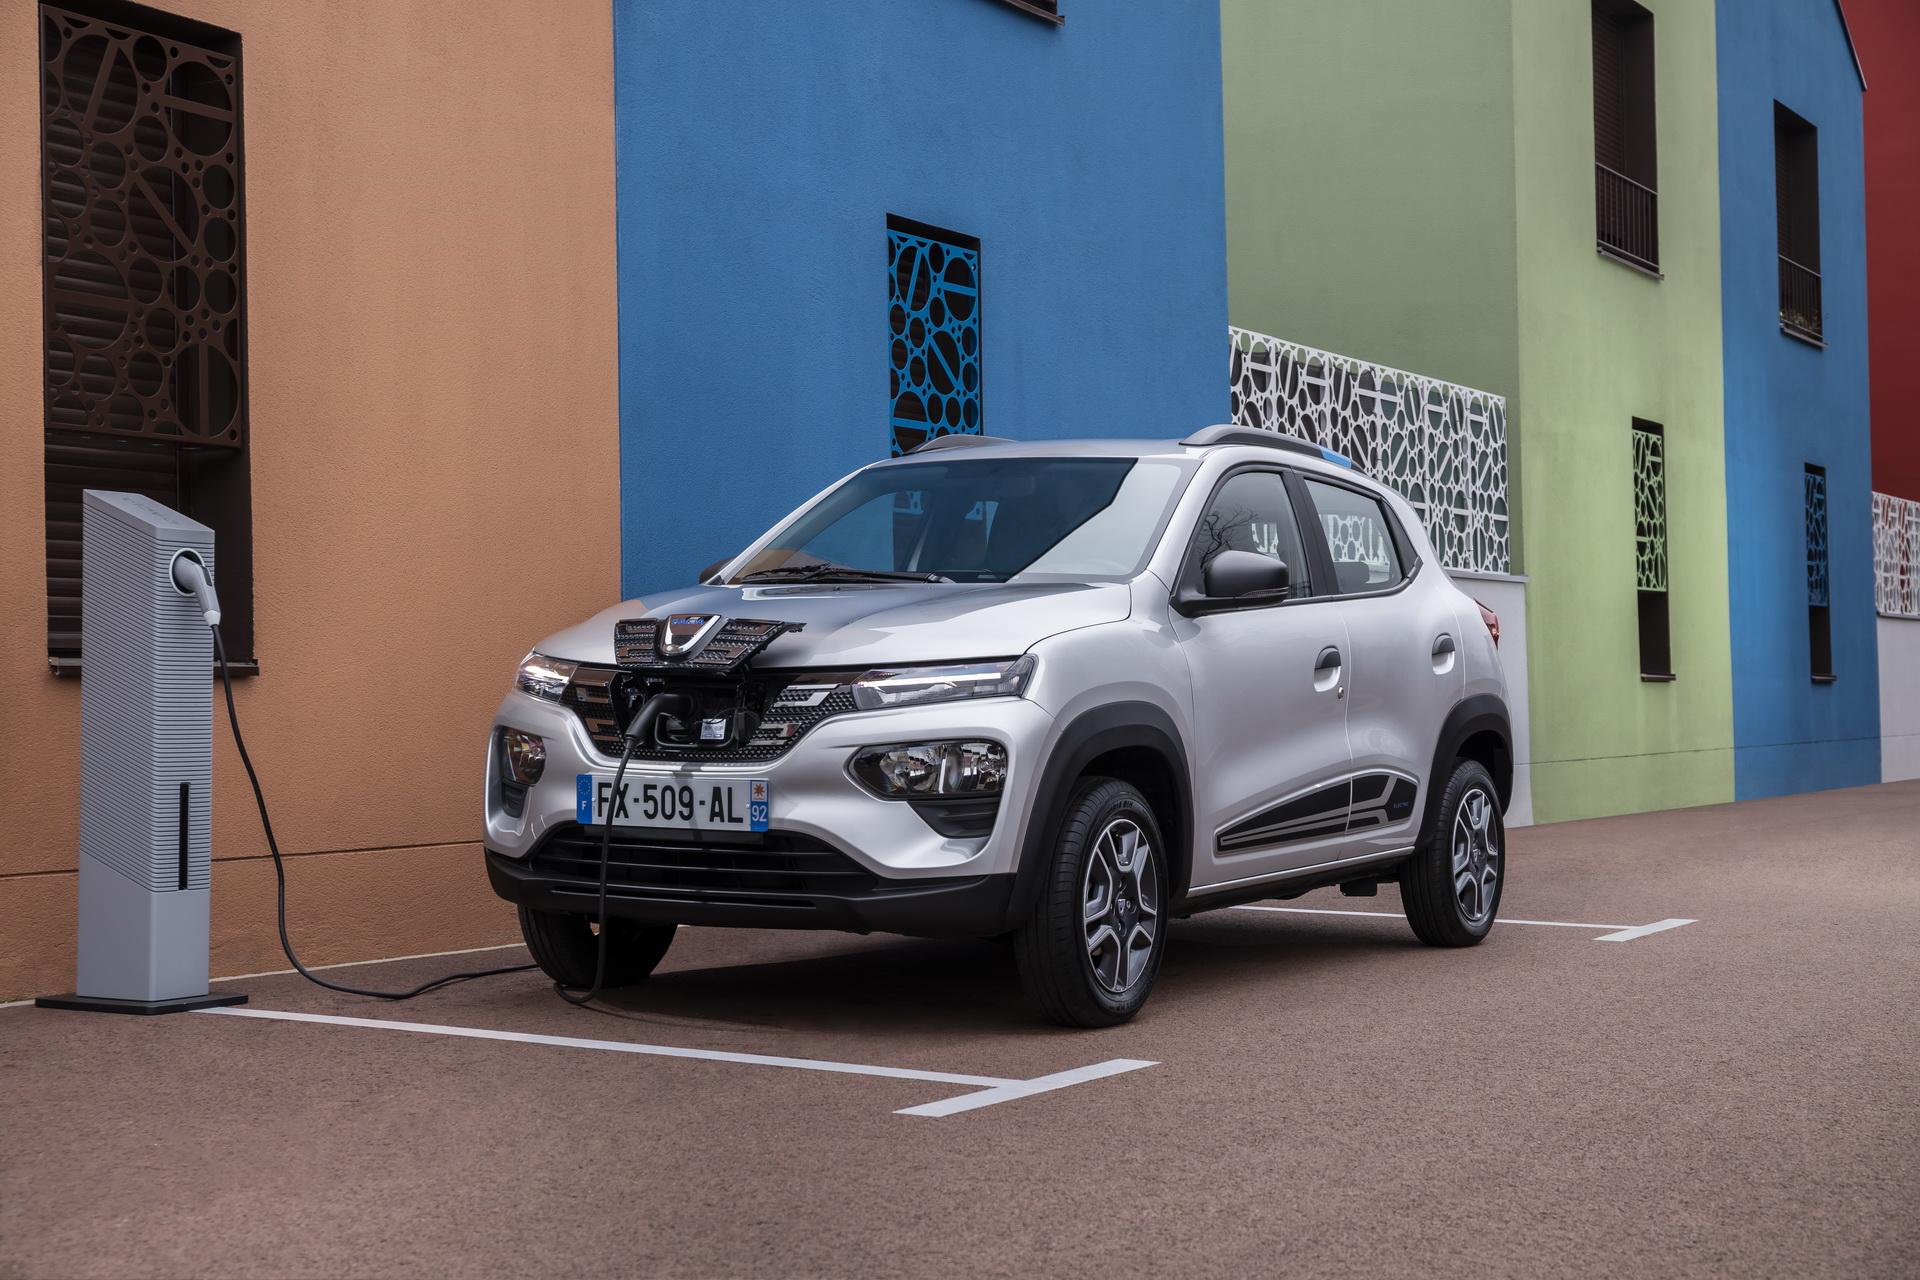 Dacia Ηλεκτρικό Αυτοκίνητο